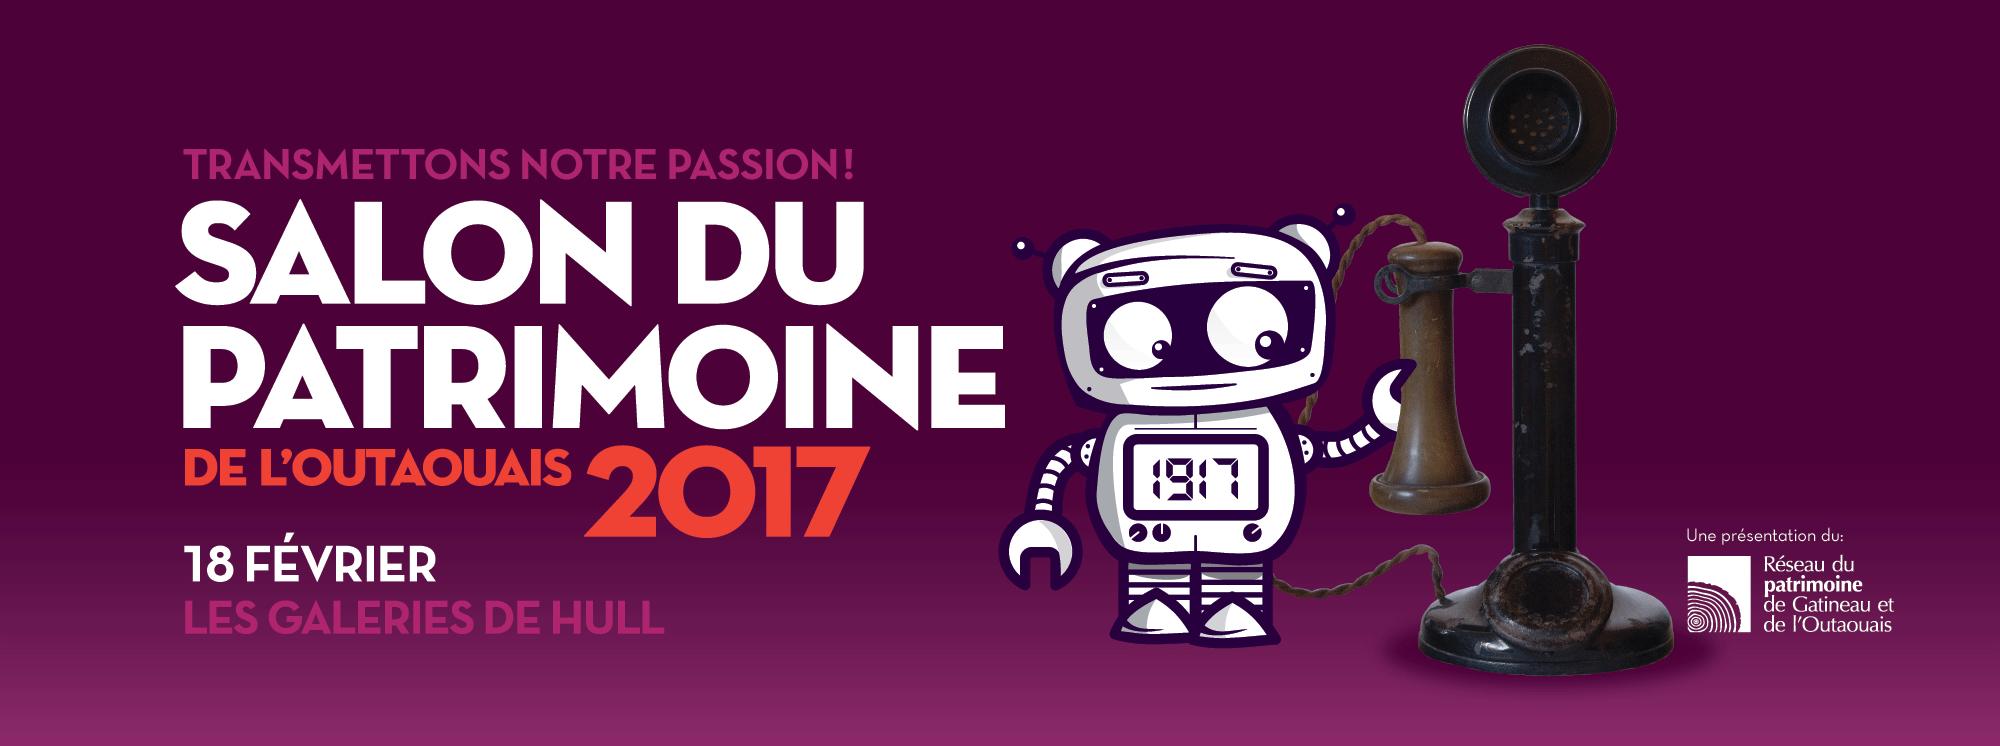 Salon du patrimoine de l outaouais 2017 transmettons for Salon du vin toulouse 2017